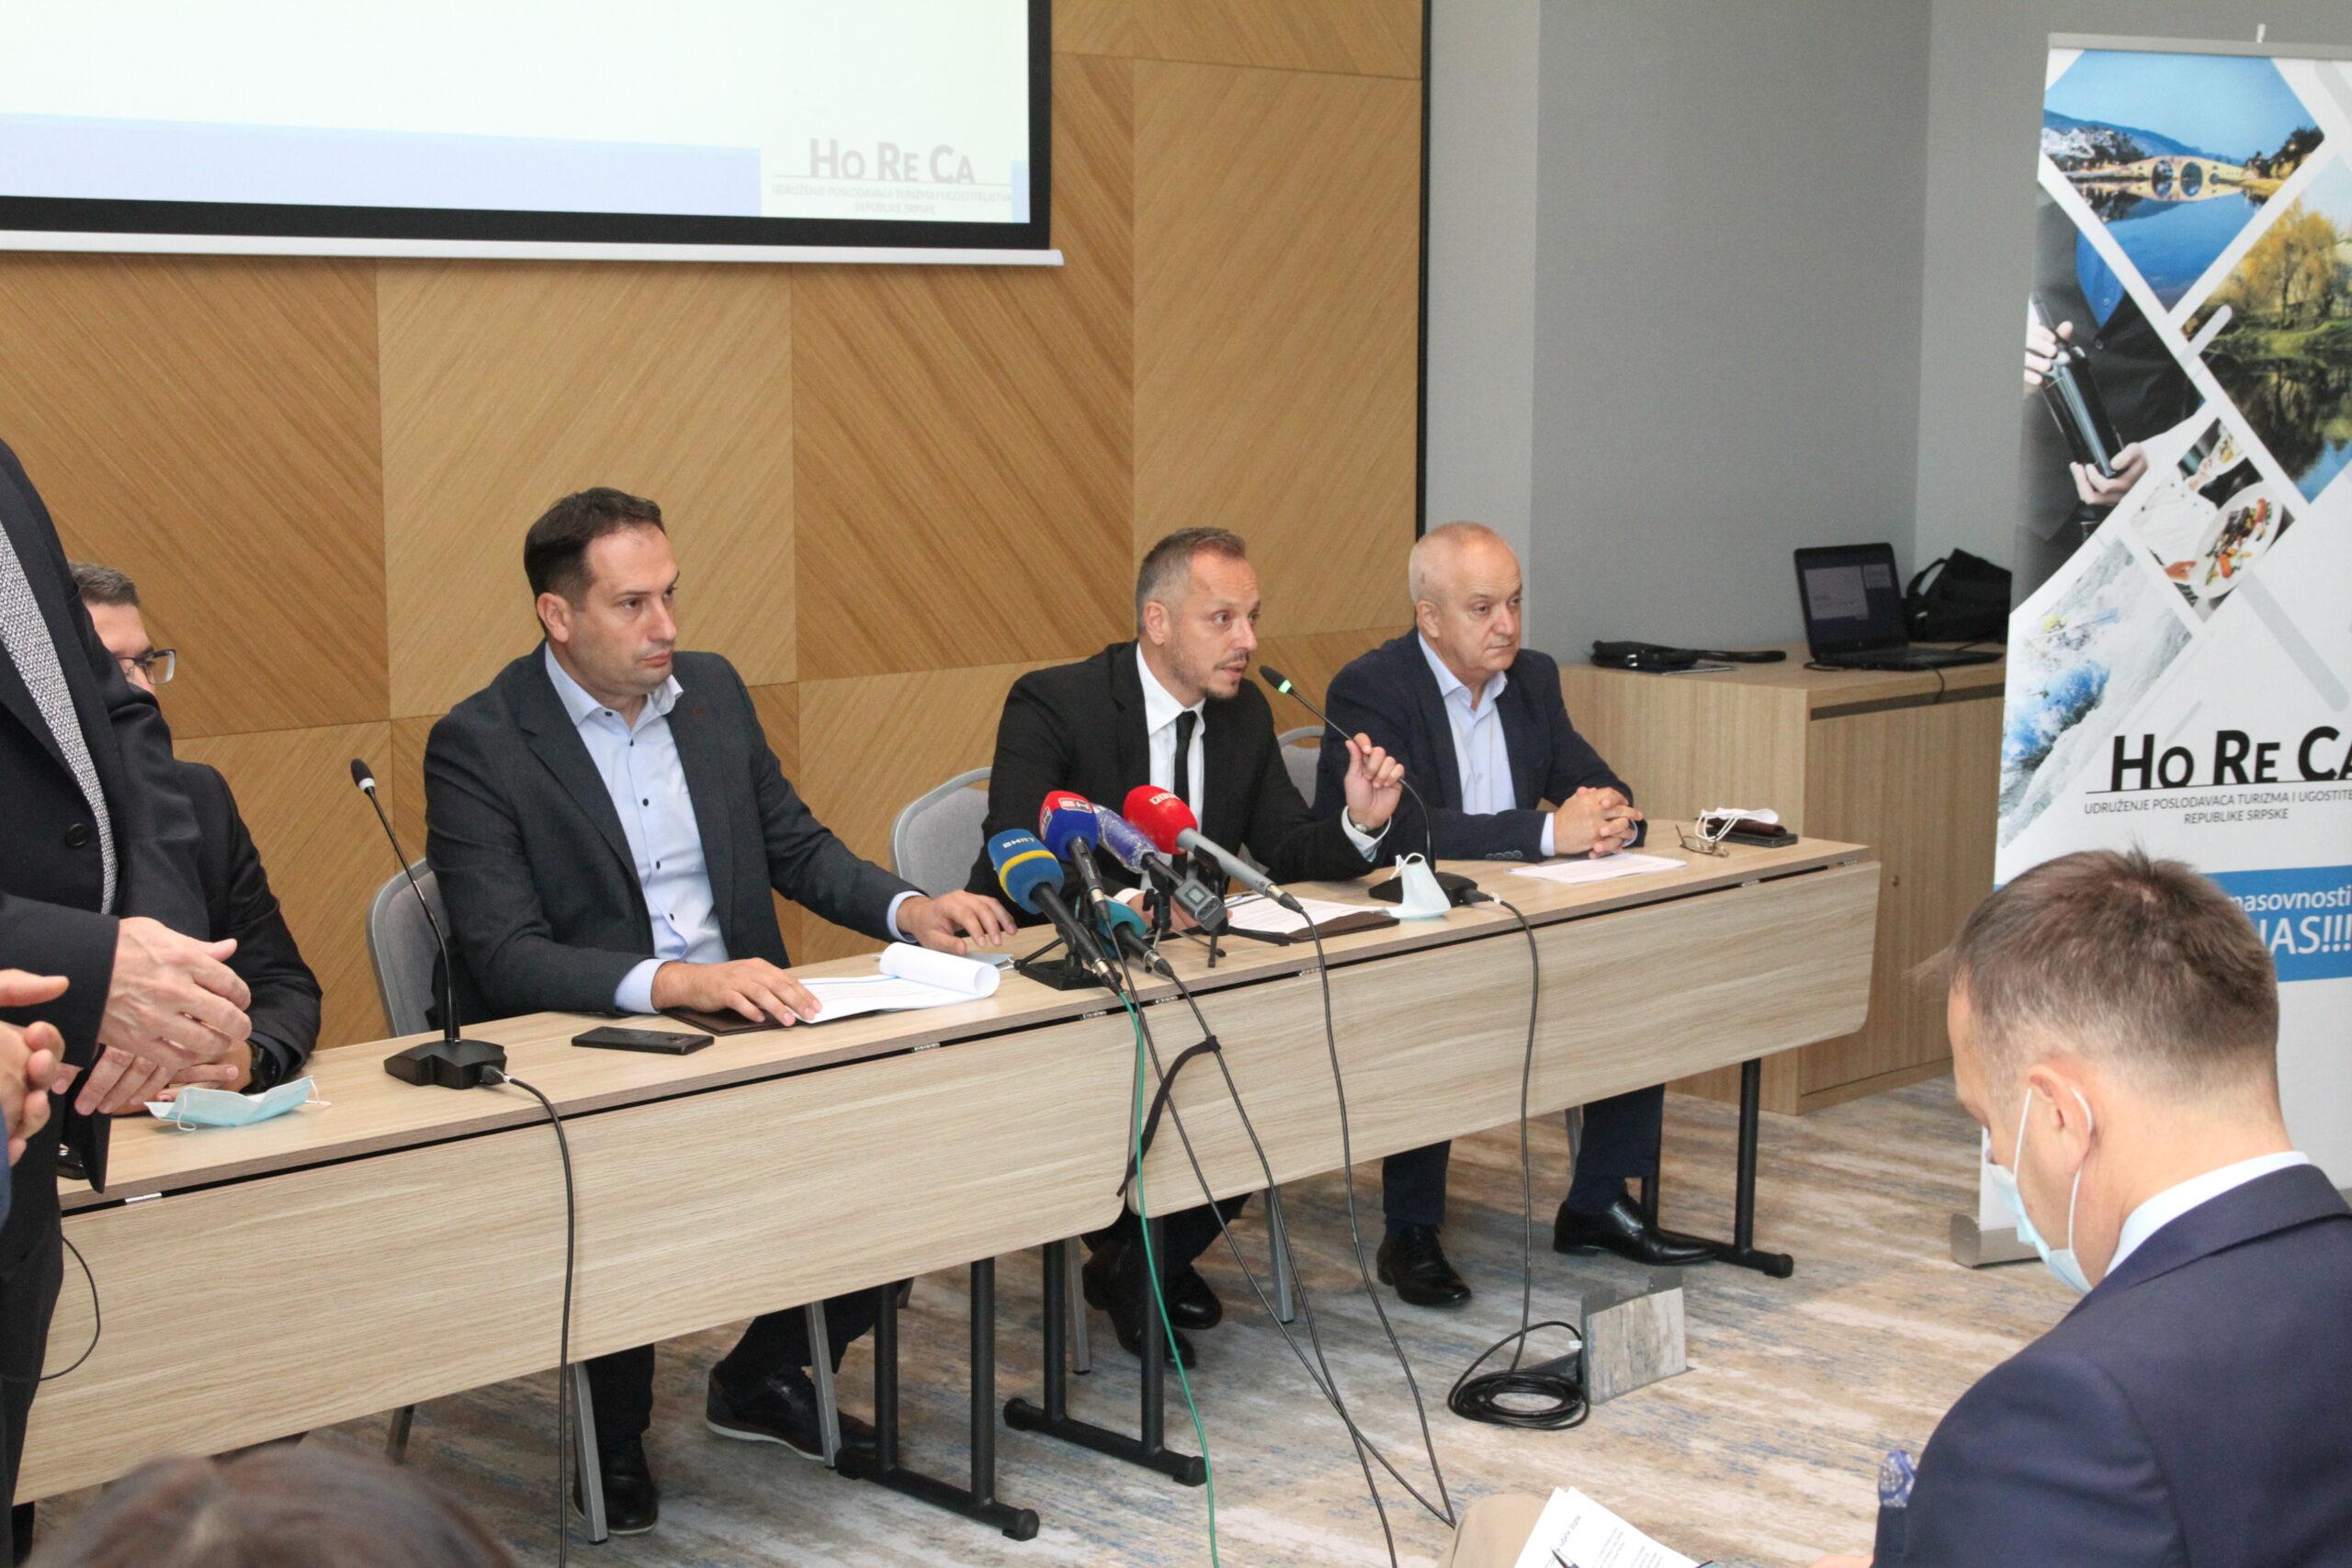 HORECA RS: Nužna hitna podrška poslodavcima u sektoru turzima i ugostiteljstva